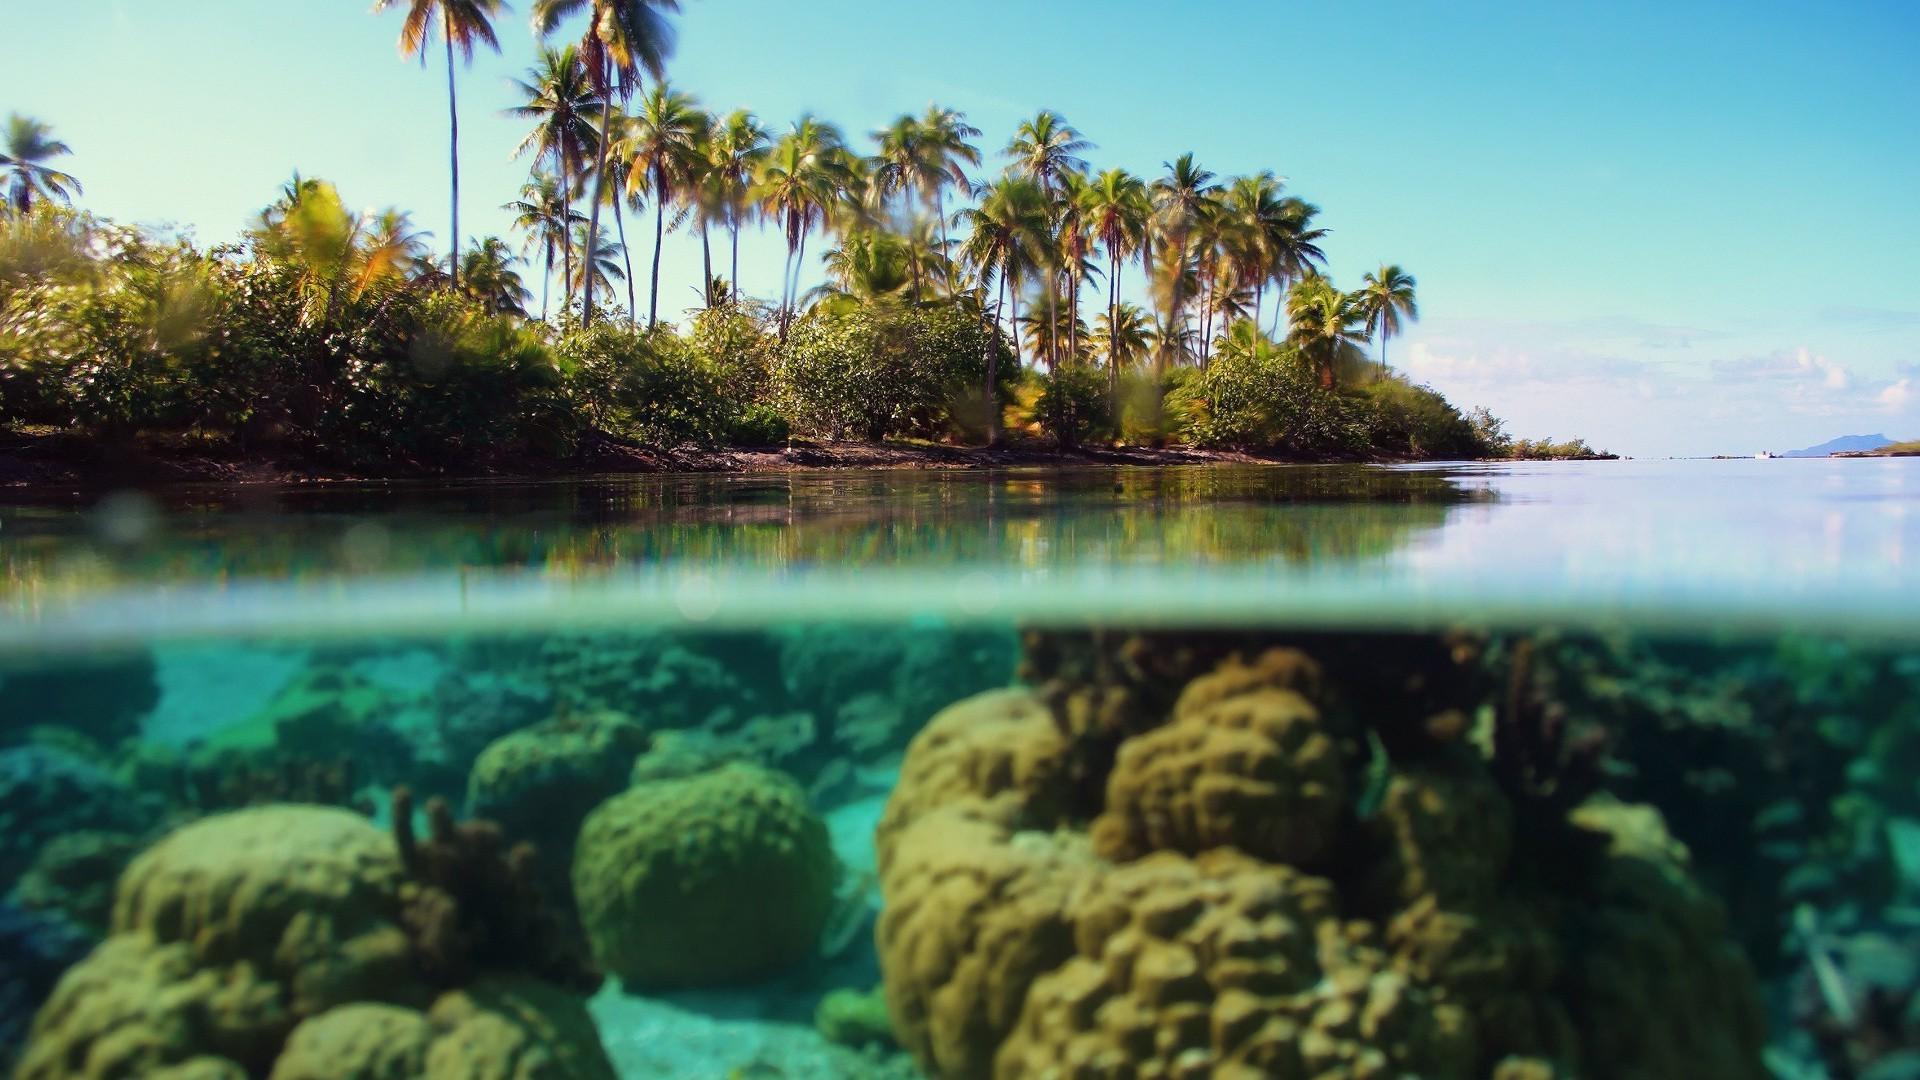 остров Бора-Бора, Французская Полинезия